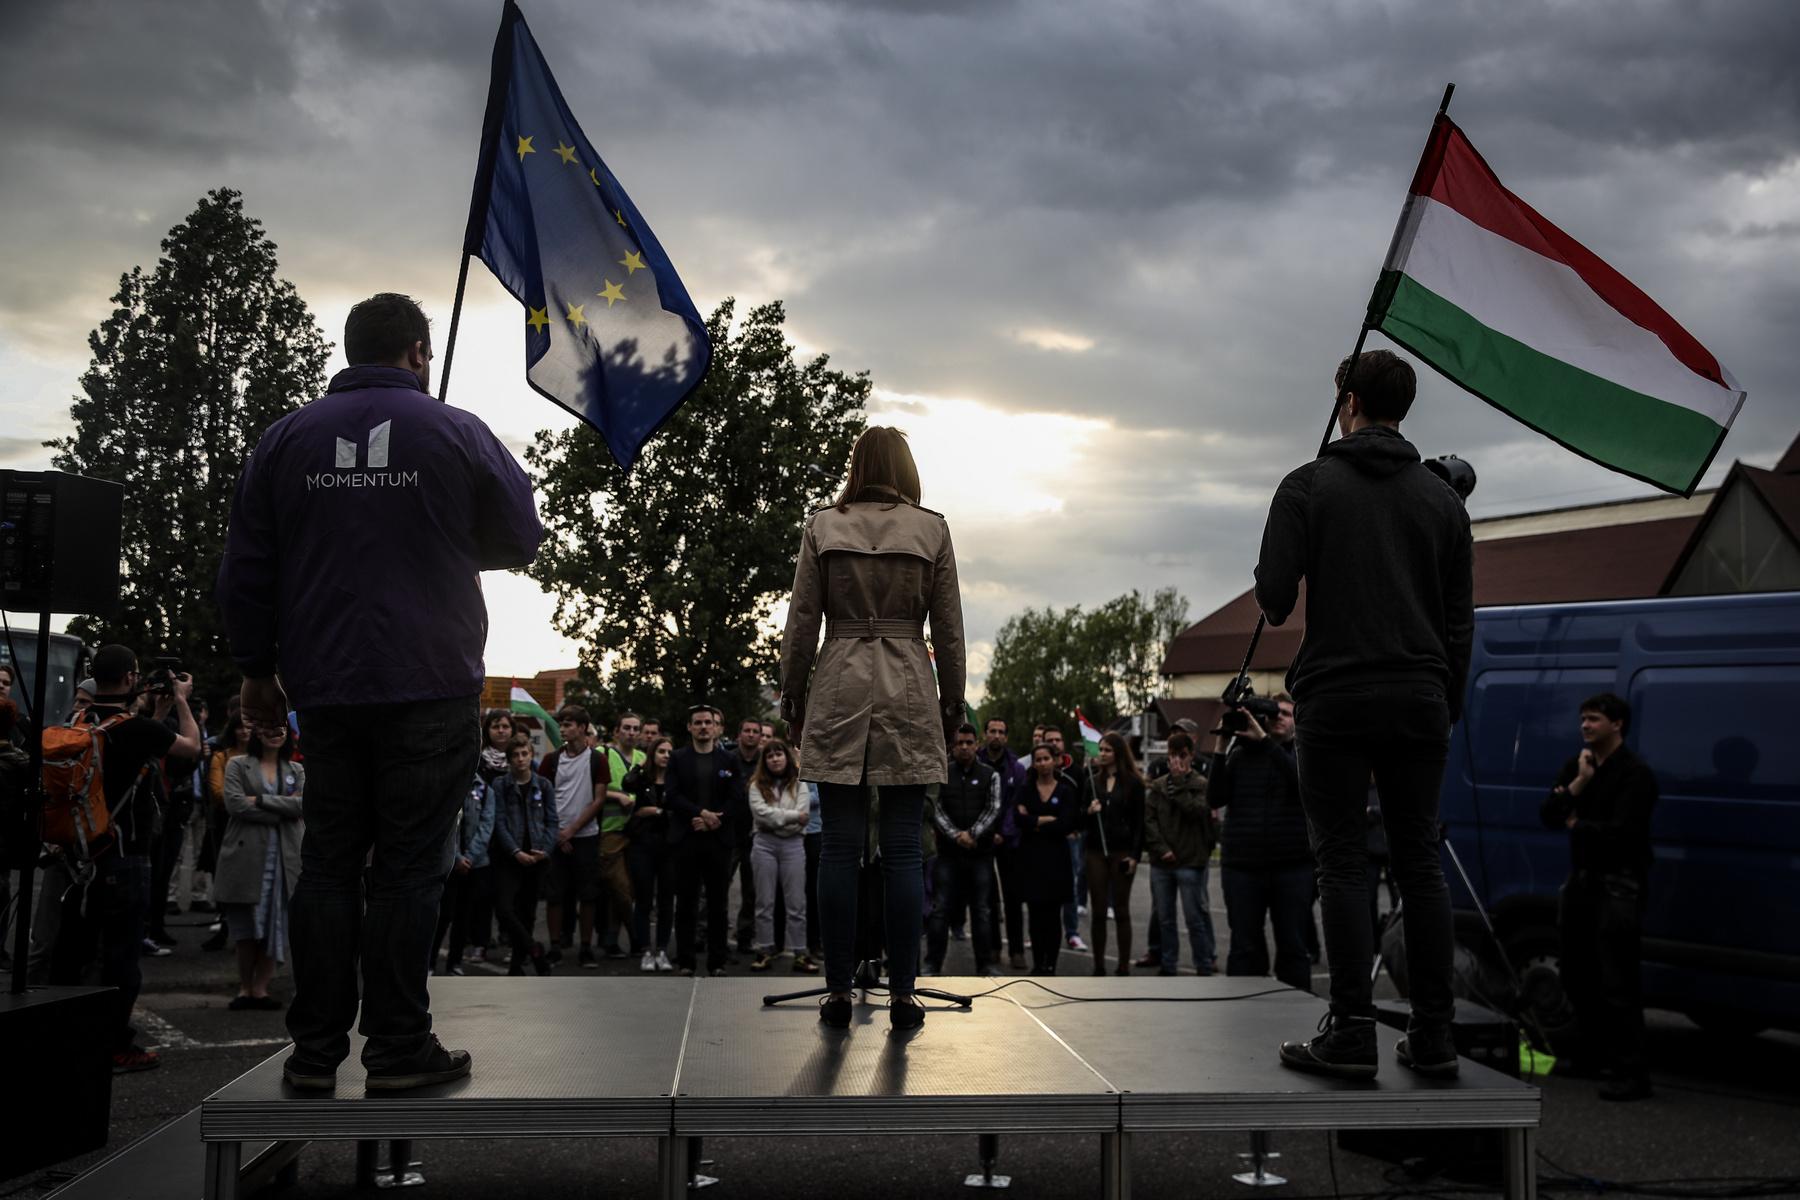 Az este végén, amikor a rendezvény már véget ért a főtéren, a város szélén a romák között még volt egy kis hangoskodás